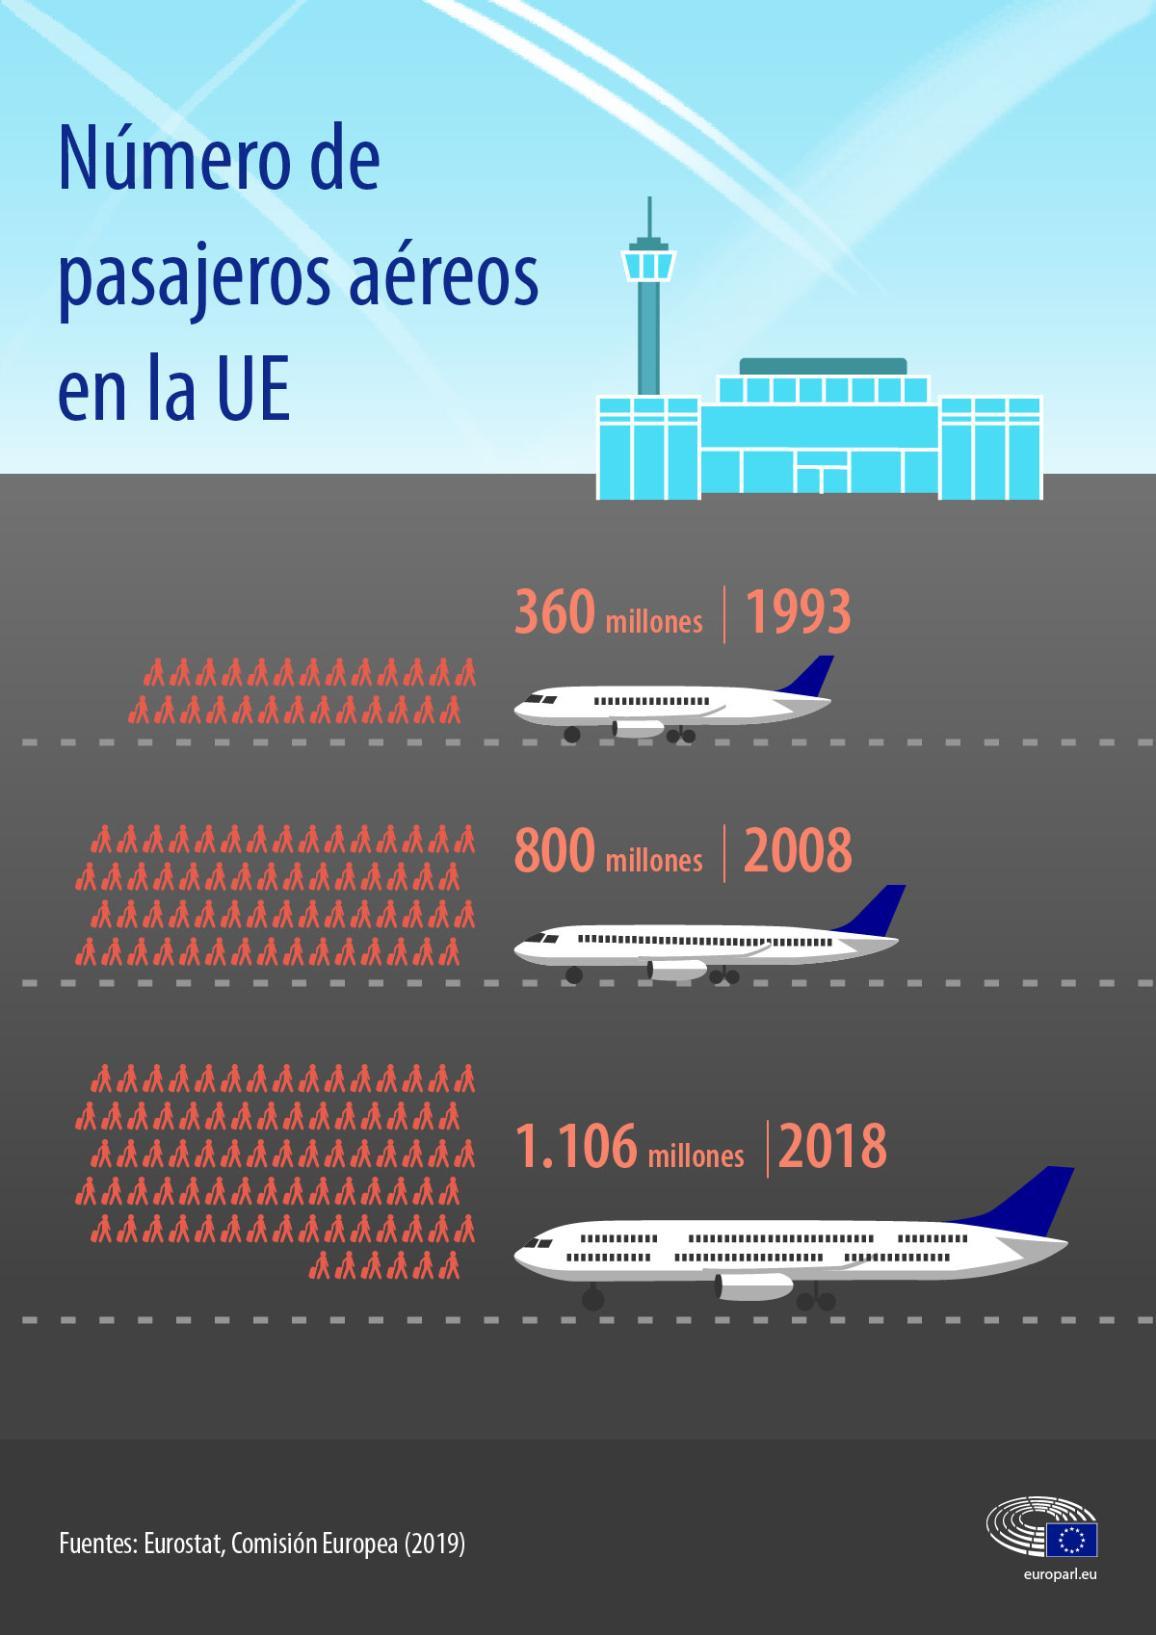 Número de pasajeros aéreos en la UE.